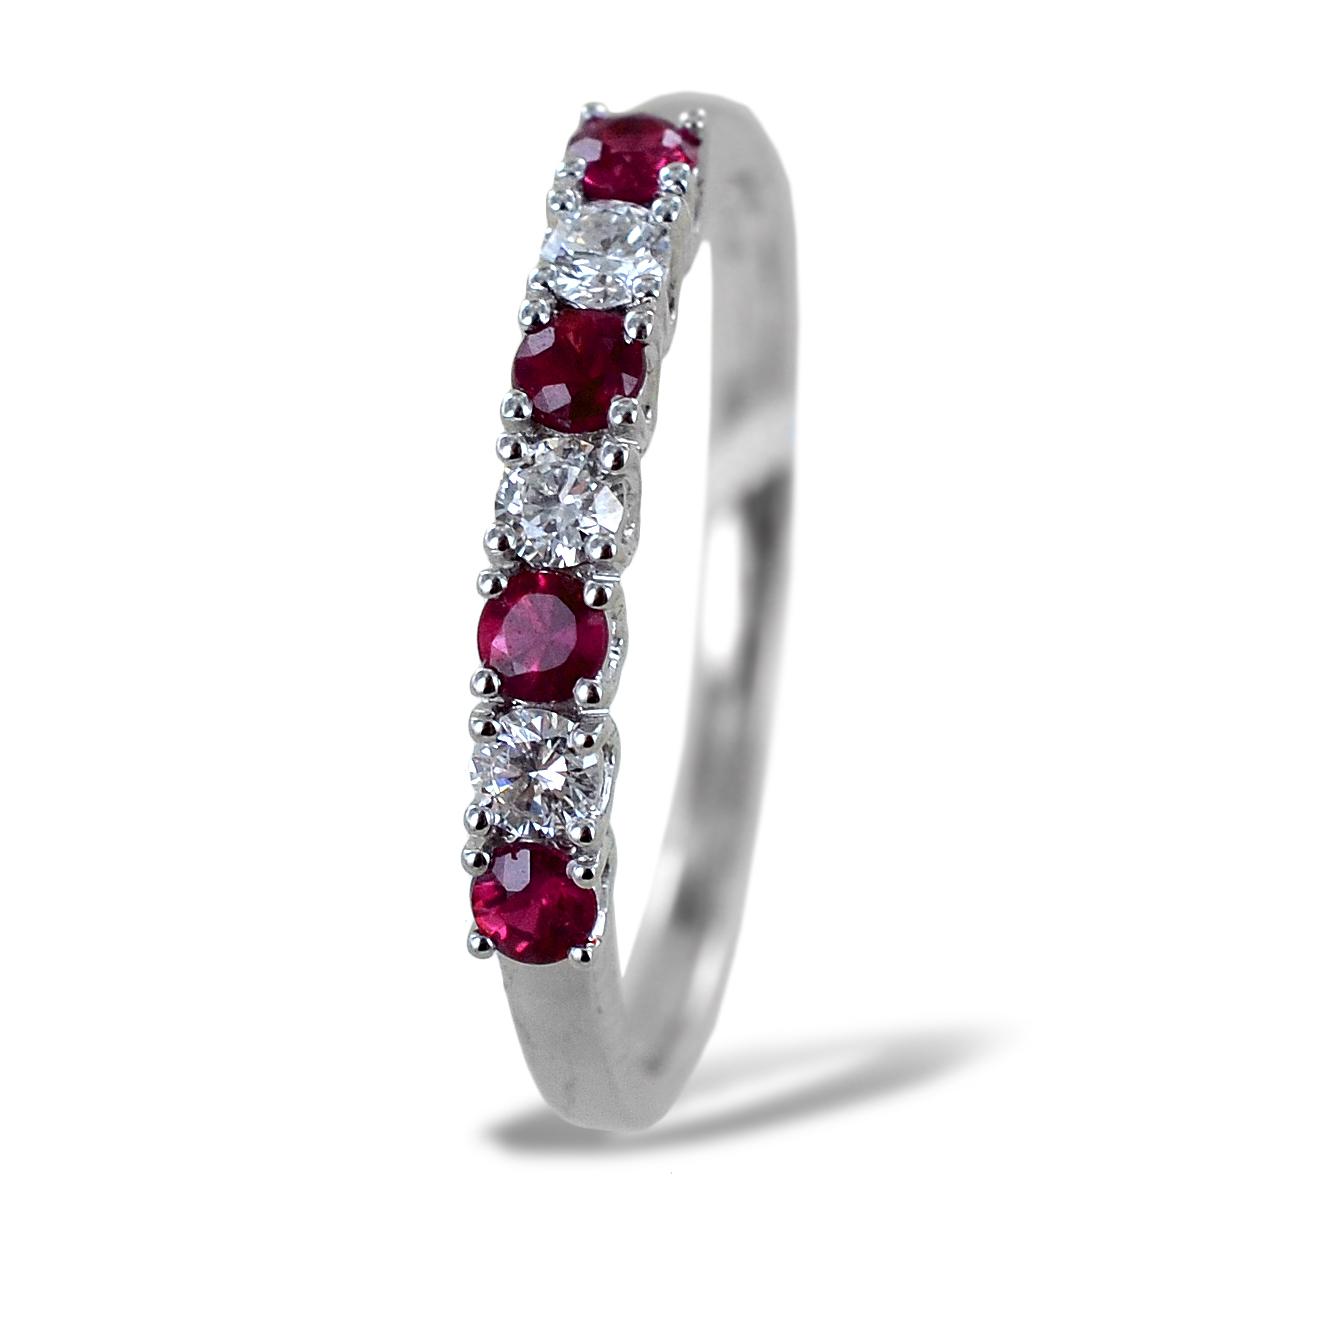 Anello Riviera Rubini e Diamanti alternati Gioielli Valenza